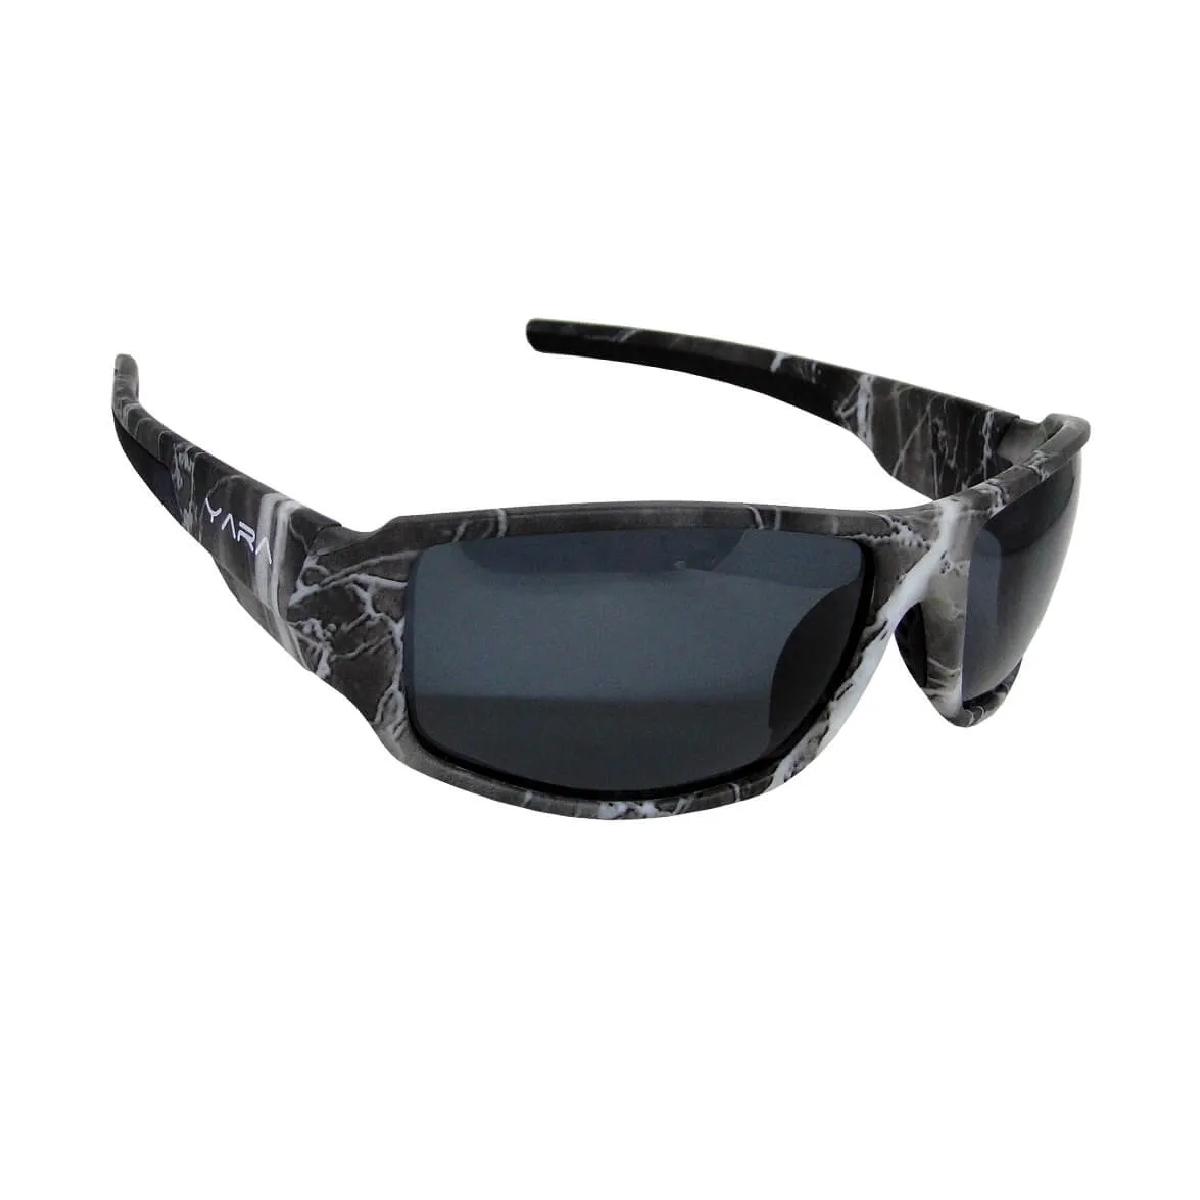 Óculos de Sol Polarizado Yara Dark Vision 01351 Camo1 - Lente Smoke